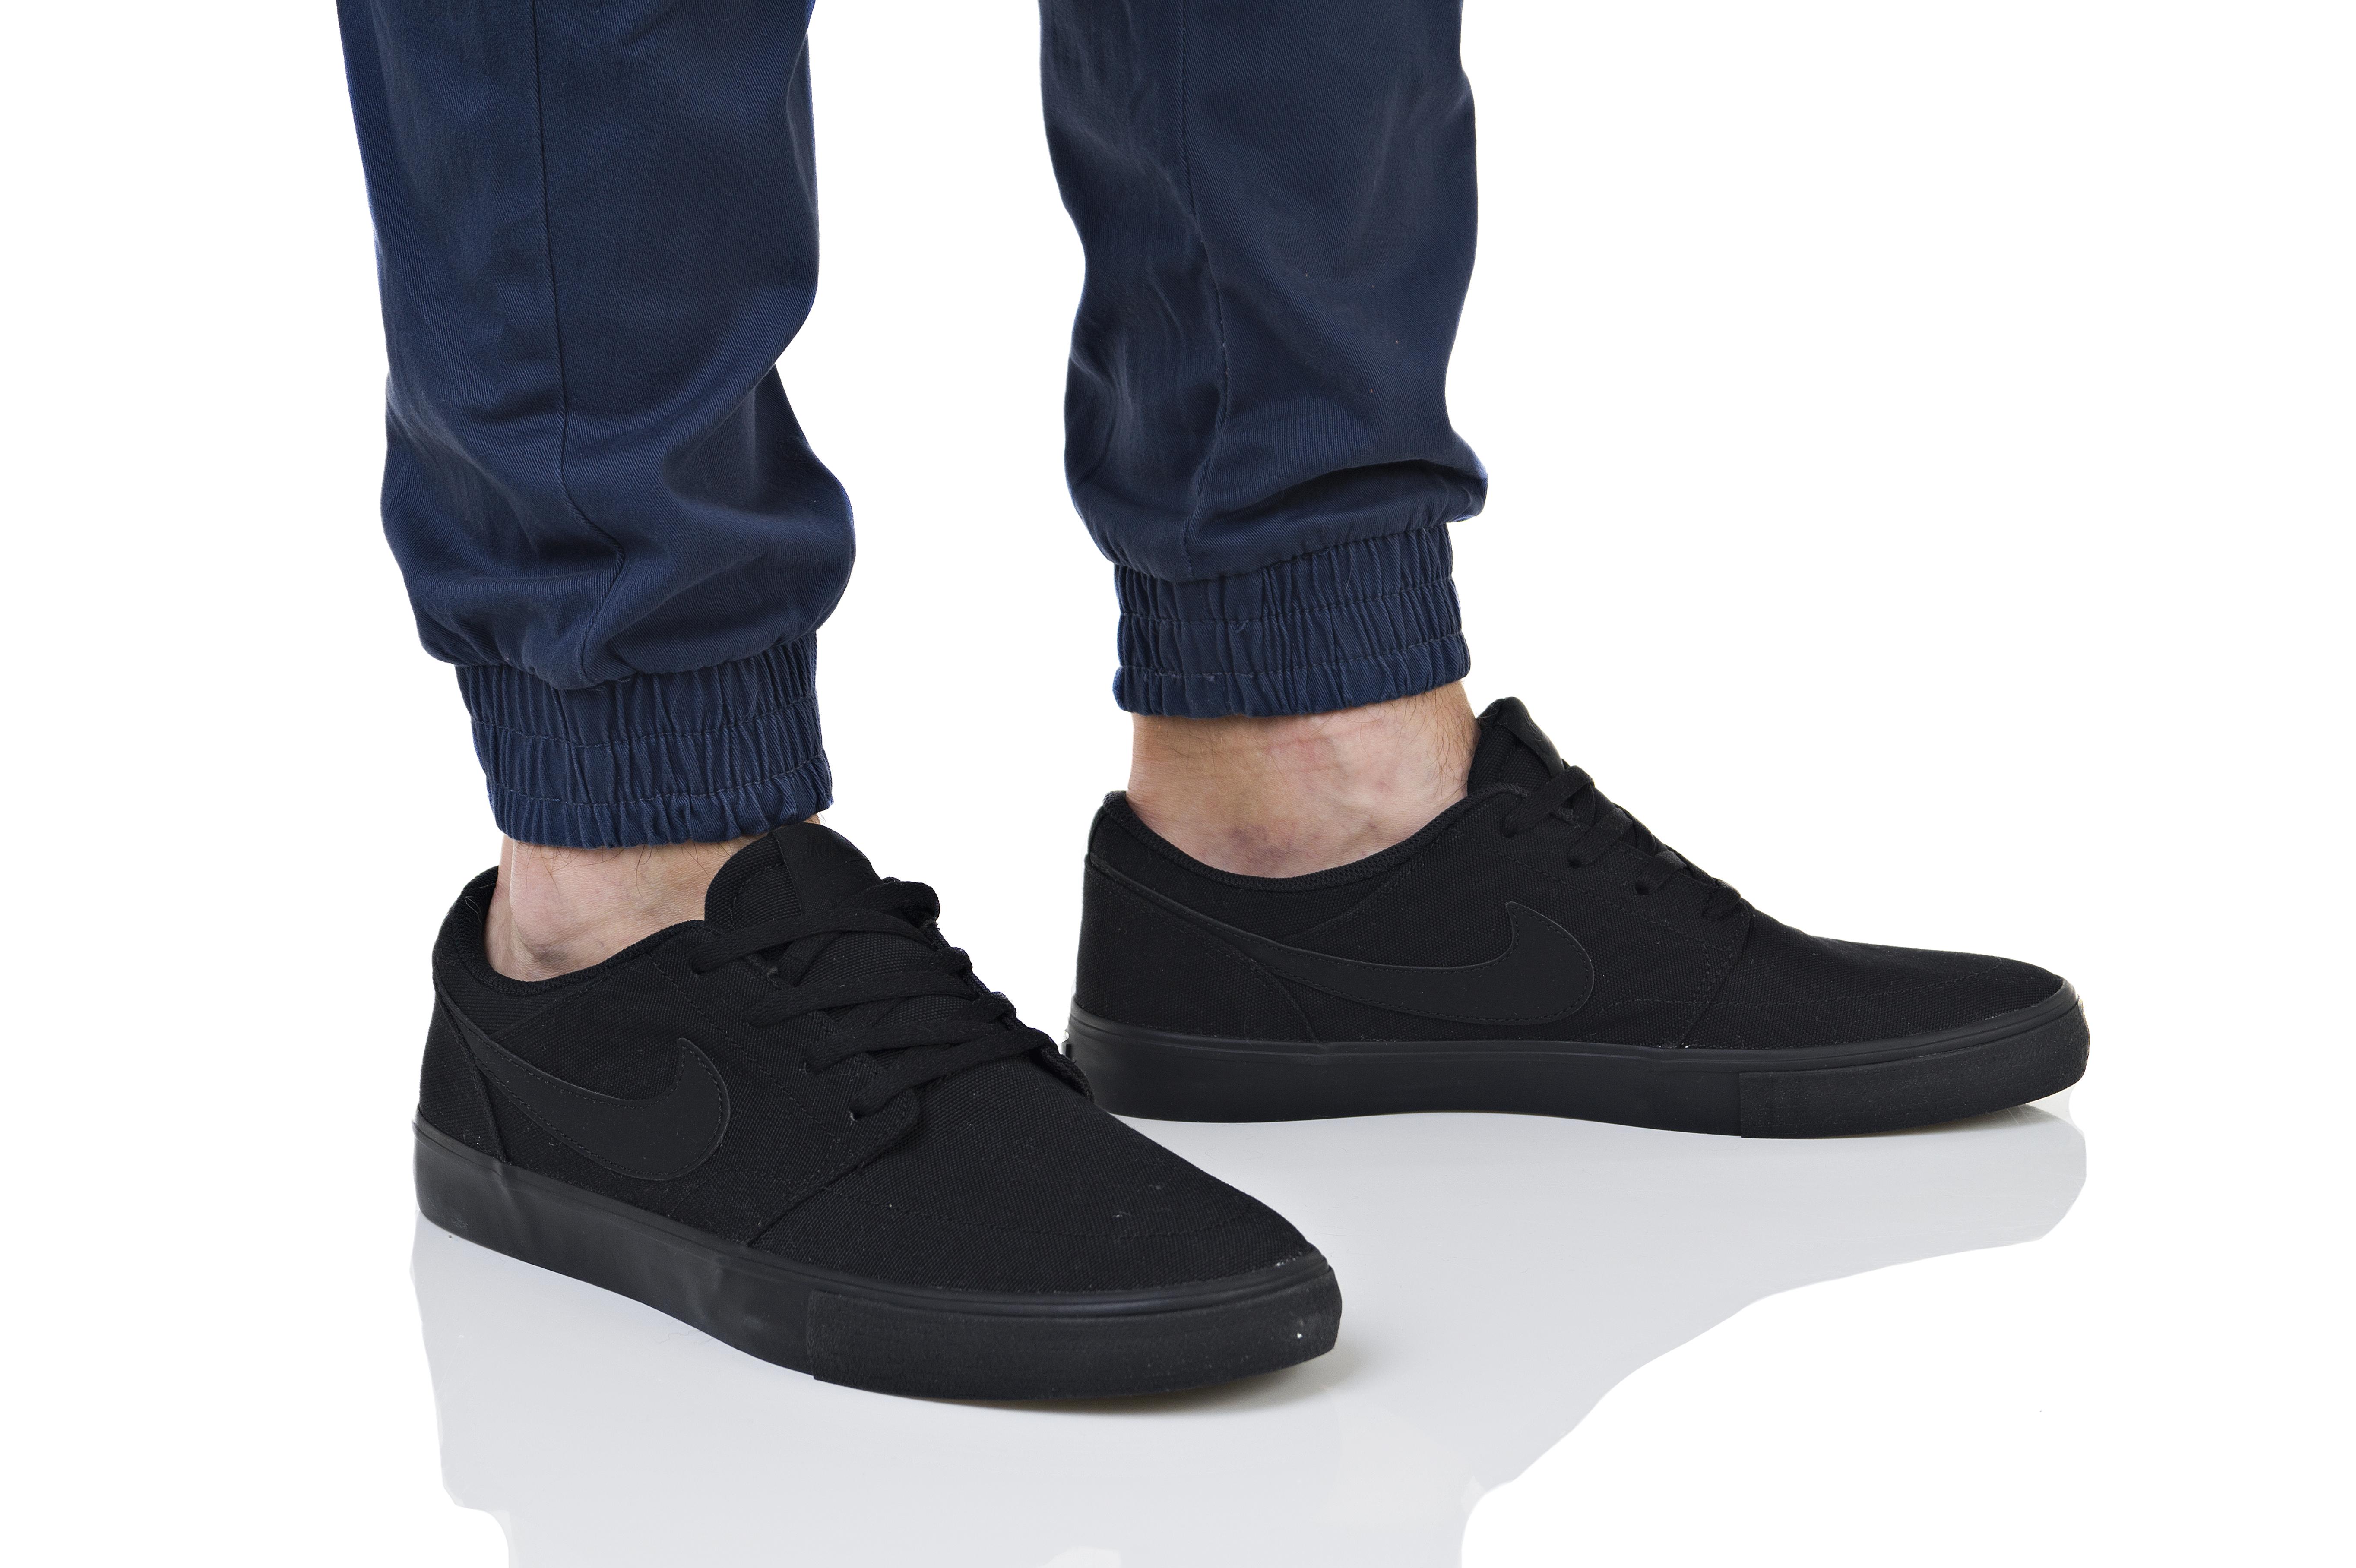 נעליים נייק לגברים Nike SB PORTMORE II SOLAR CNVS - שחור